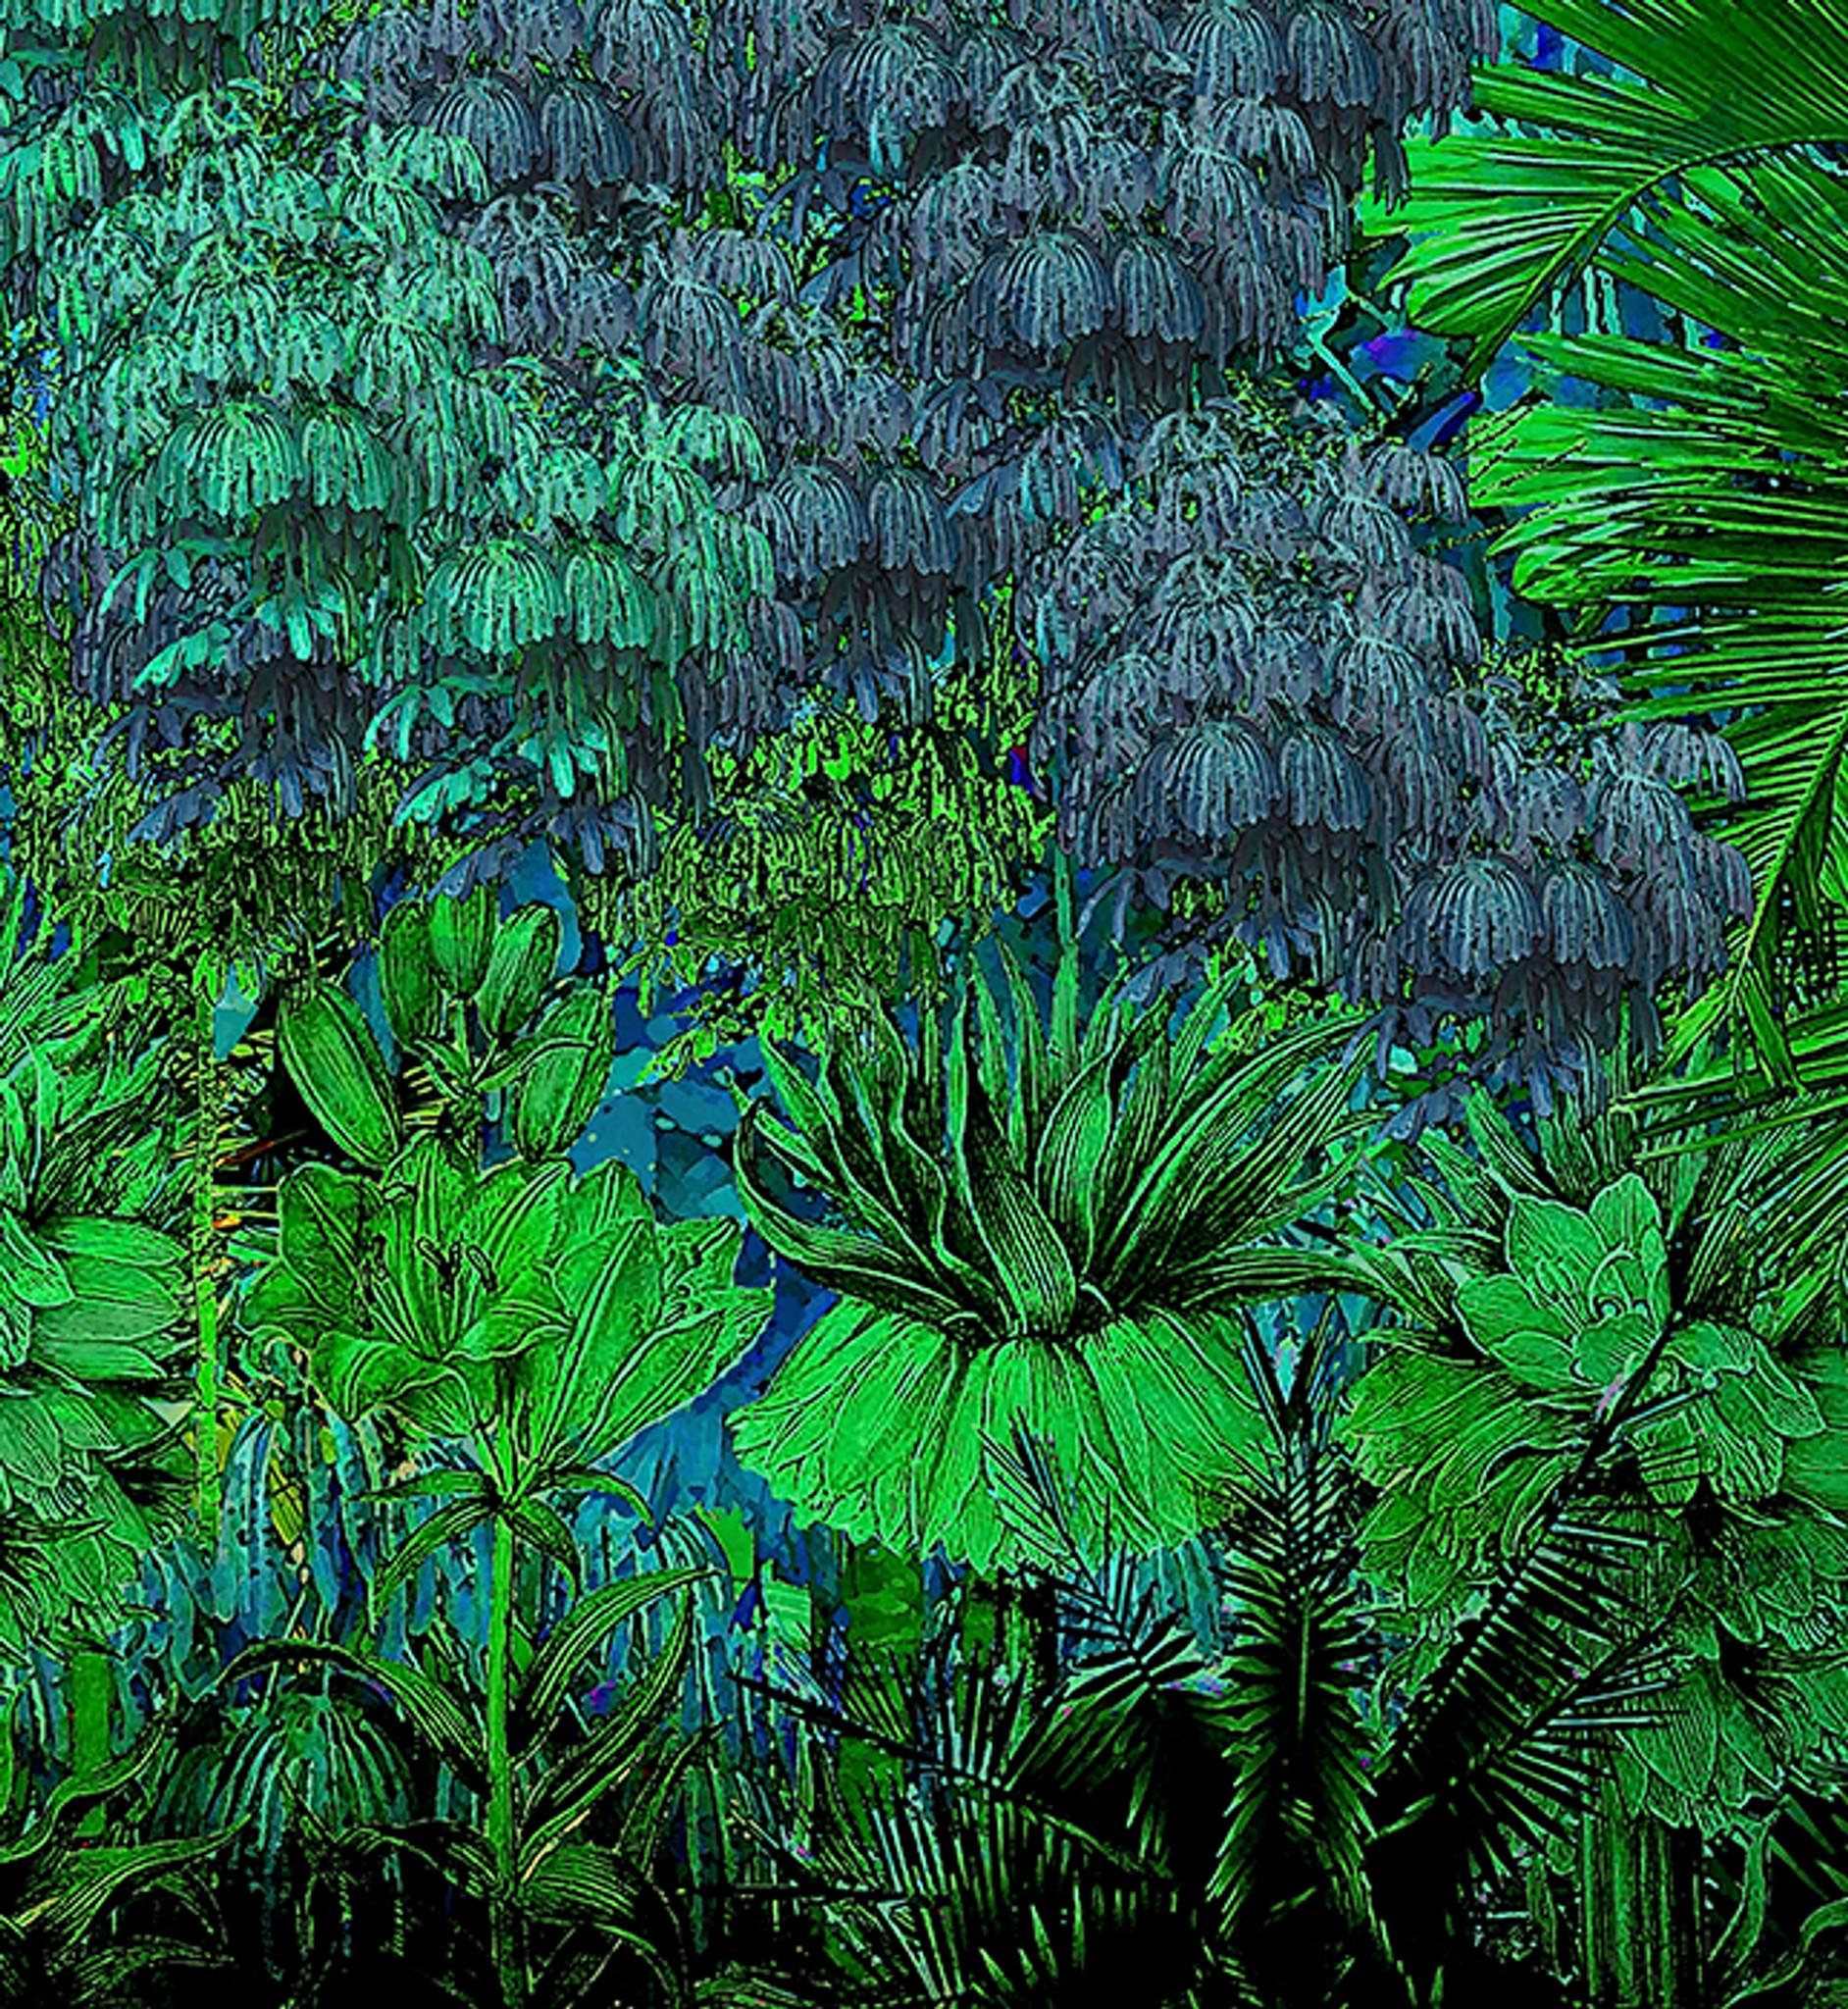 Wallpaper - Jungle Vibe - Original